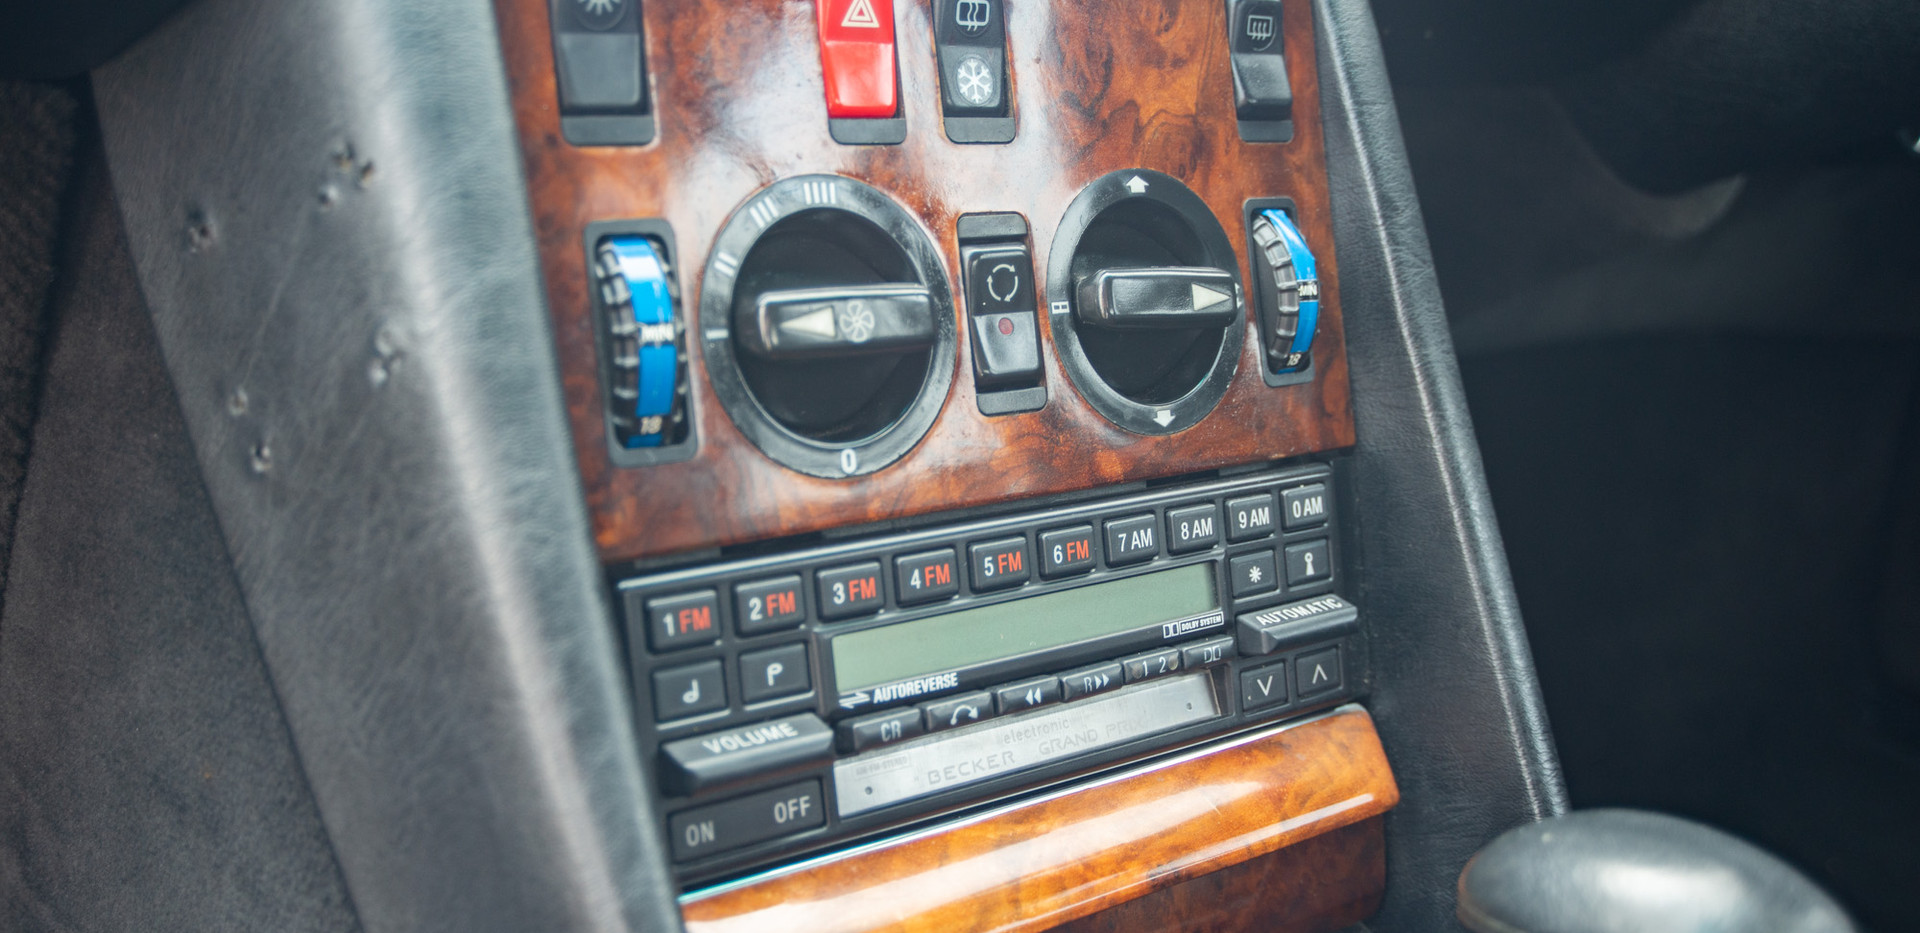 W126 420SEC - Uk for sale london-41.jpg